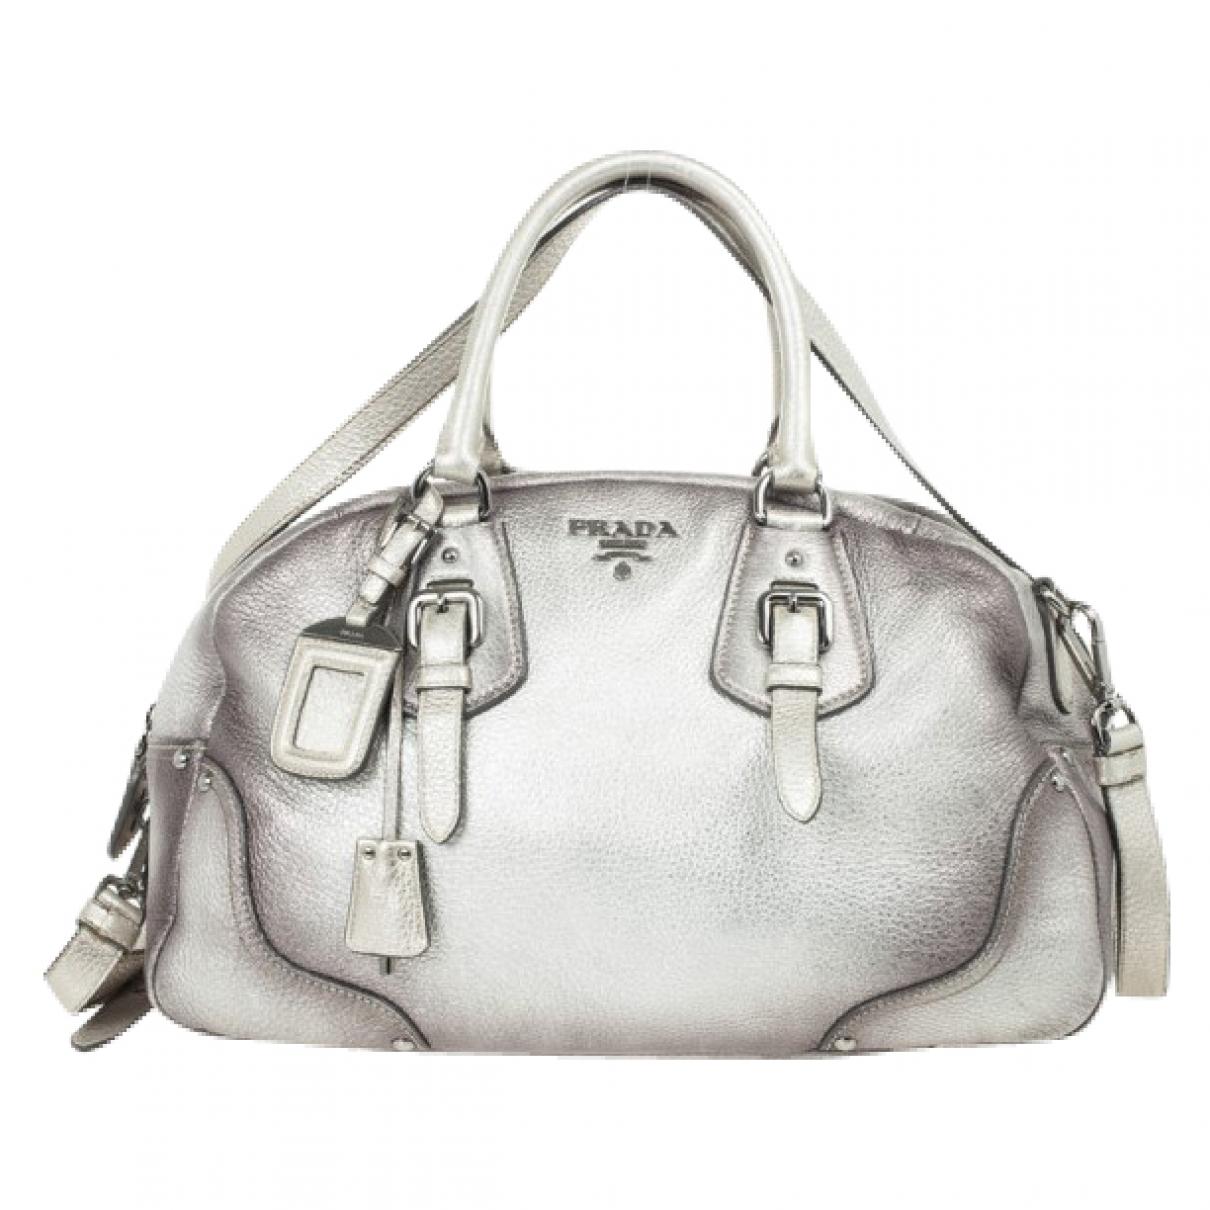 Prada \N Silver Leather handbag for Women \N